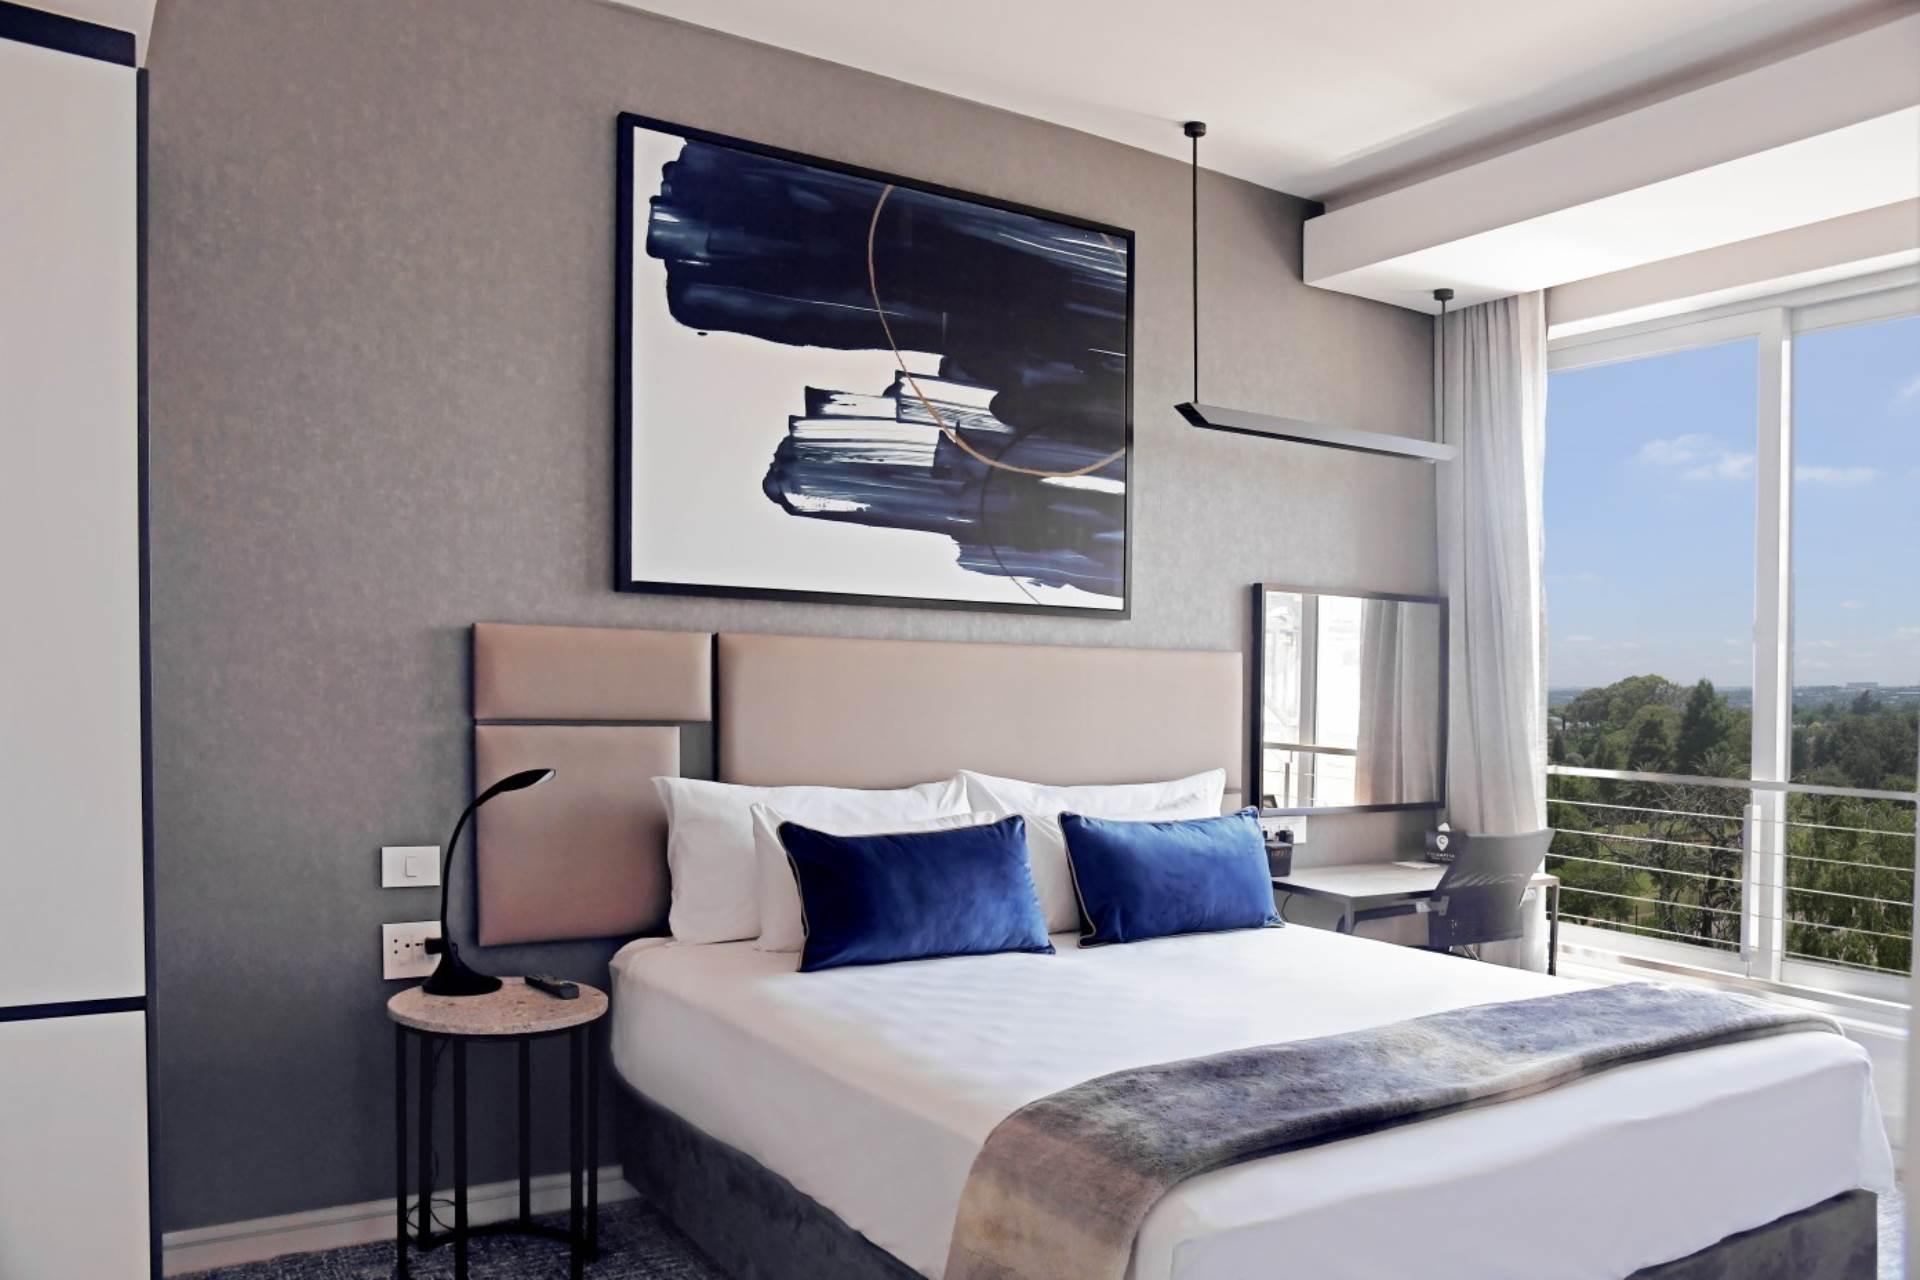 2 BedroomApartment To Rent In Sandown